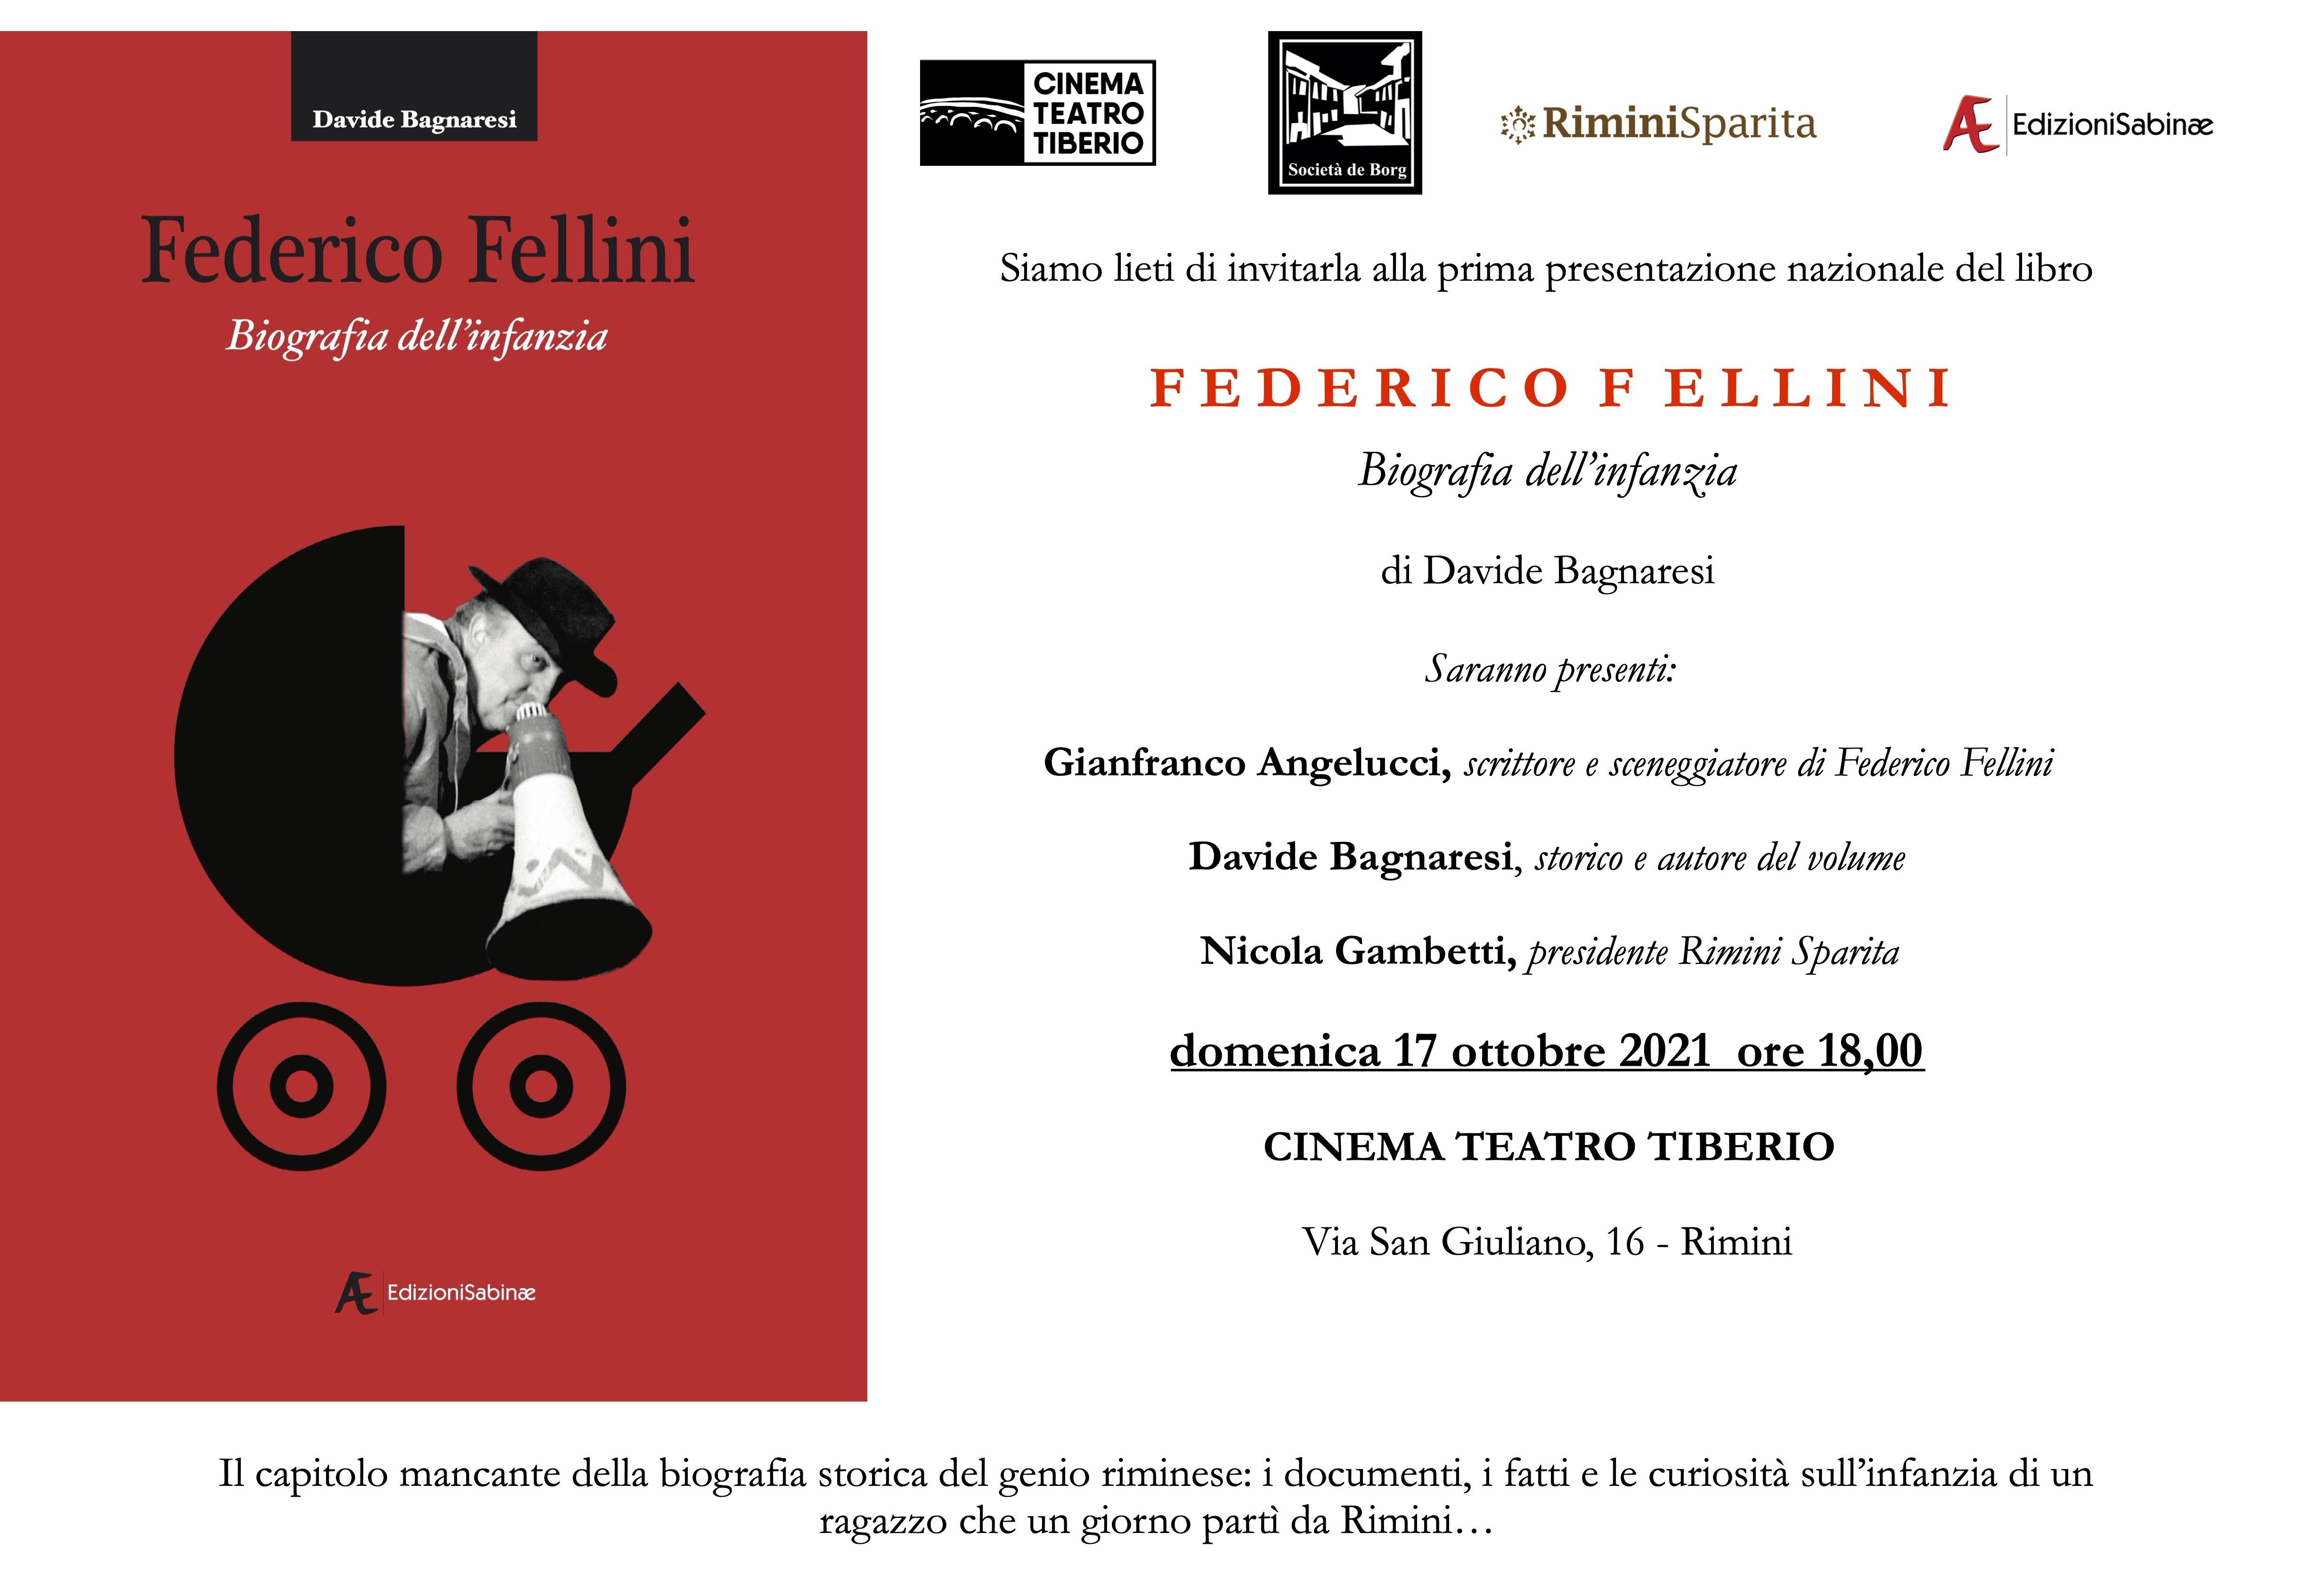 Invito 17 ottobre 2021_Cinema Tiberio_FF biografia dell'infanzia